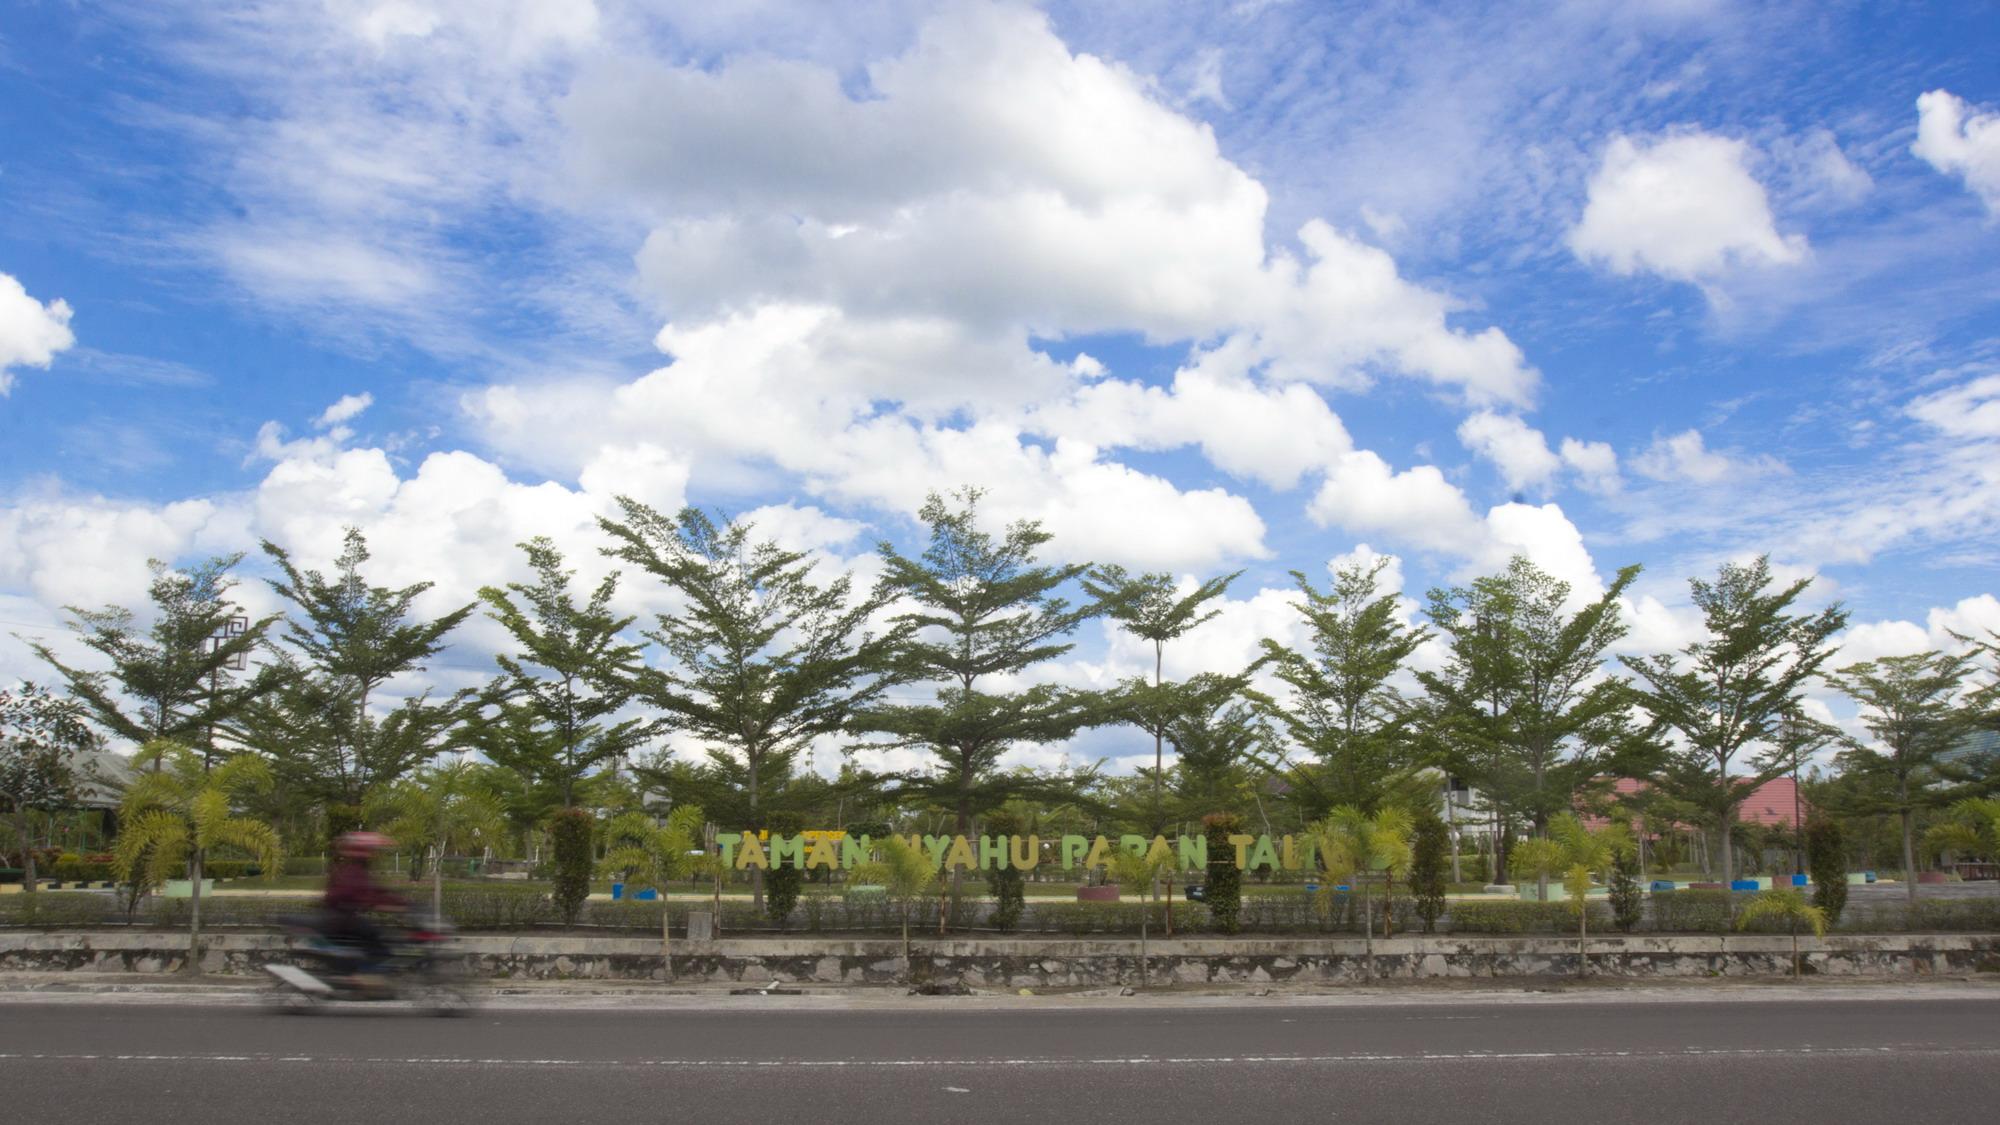 Taman Nyahu Papan Taliwu